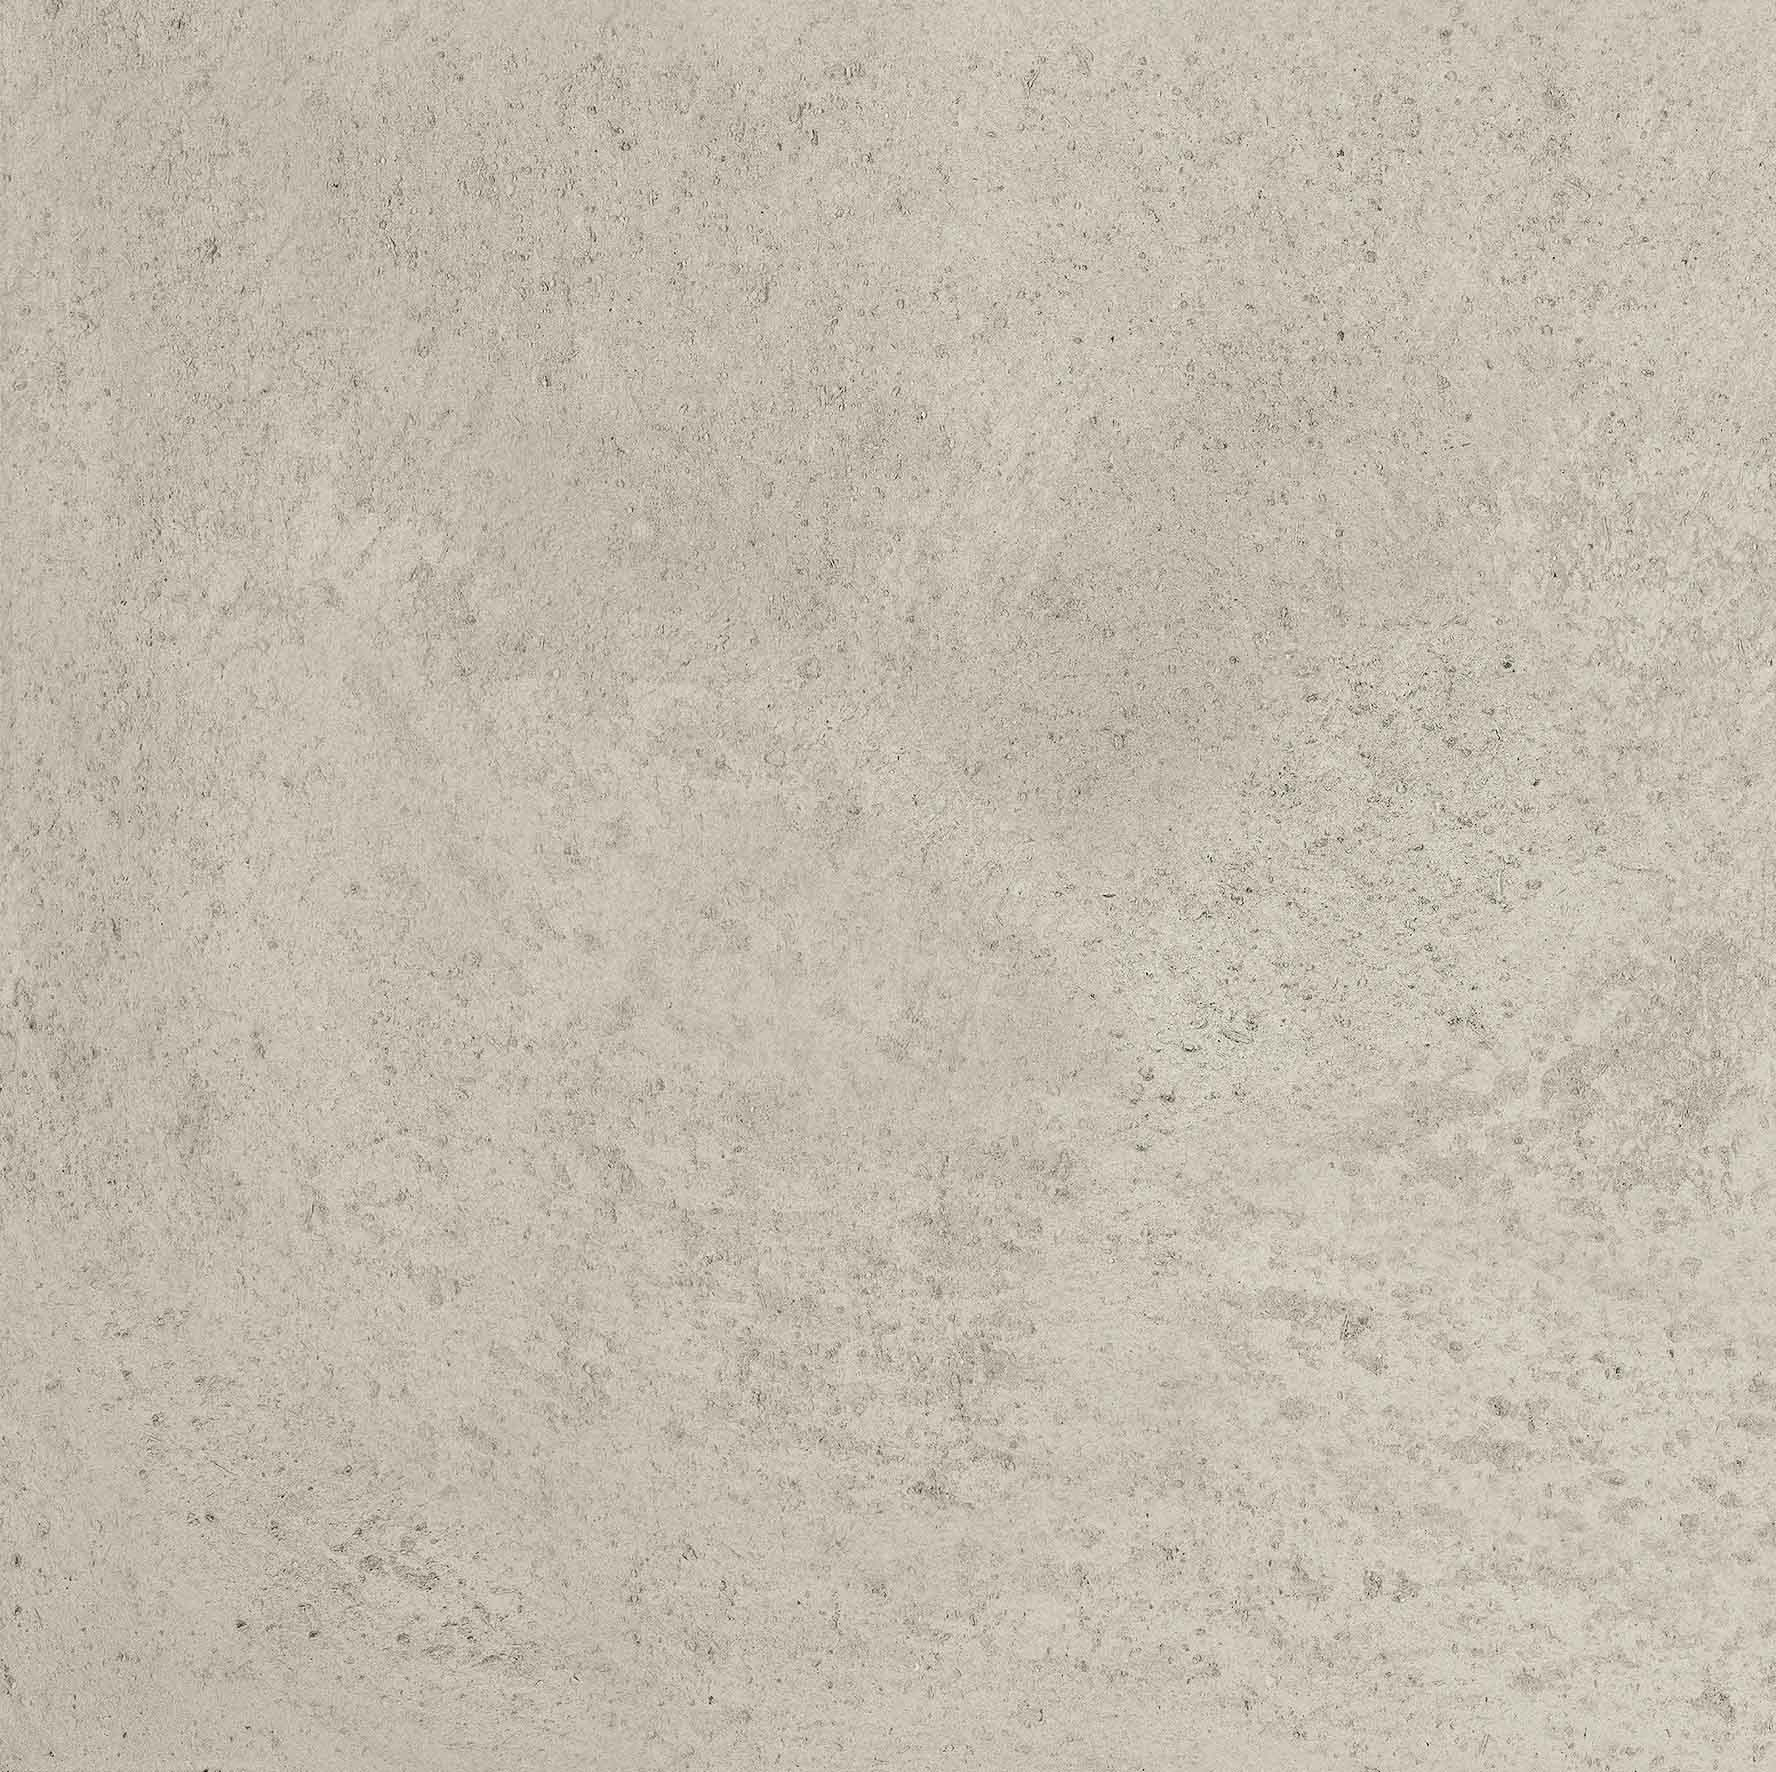 Maps of Cerim Light Gray Matte 10mm 60 x 60